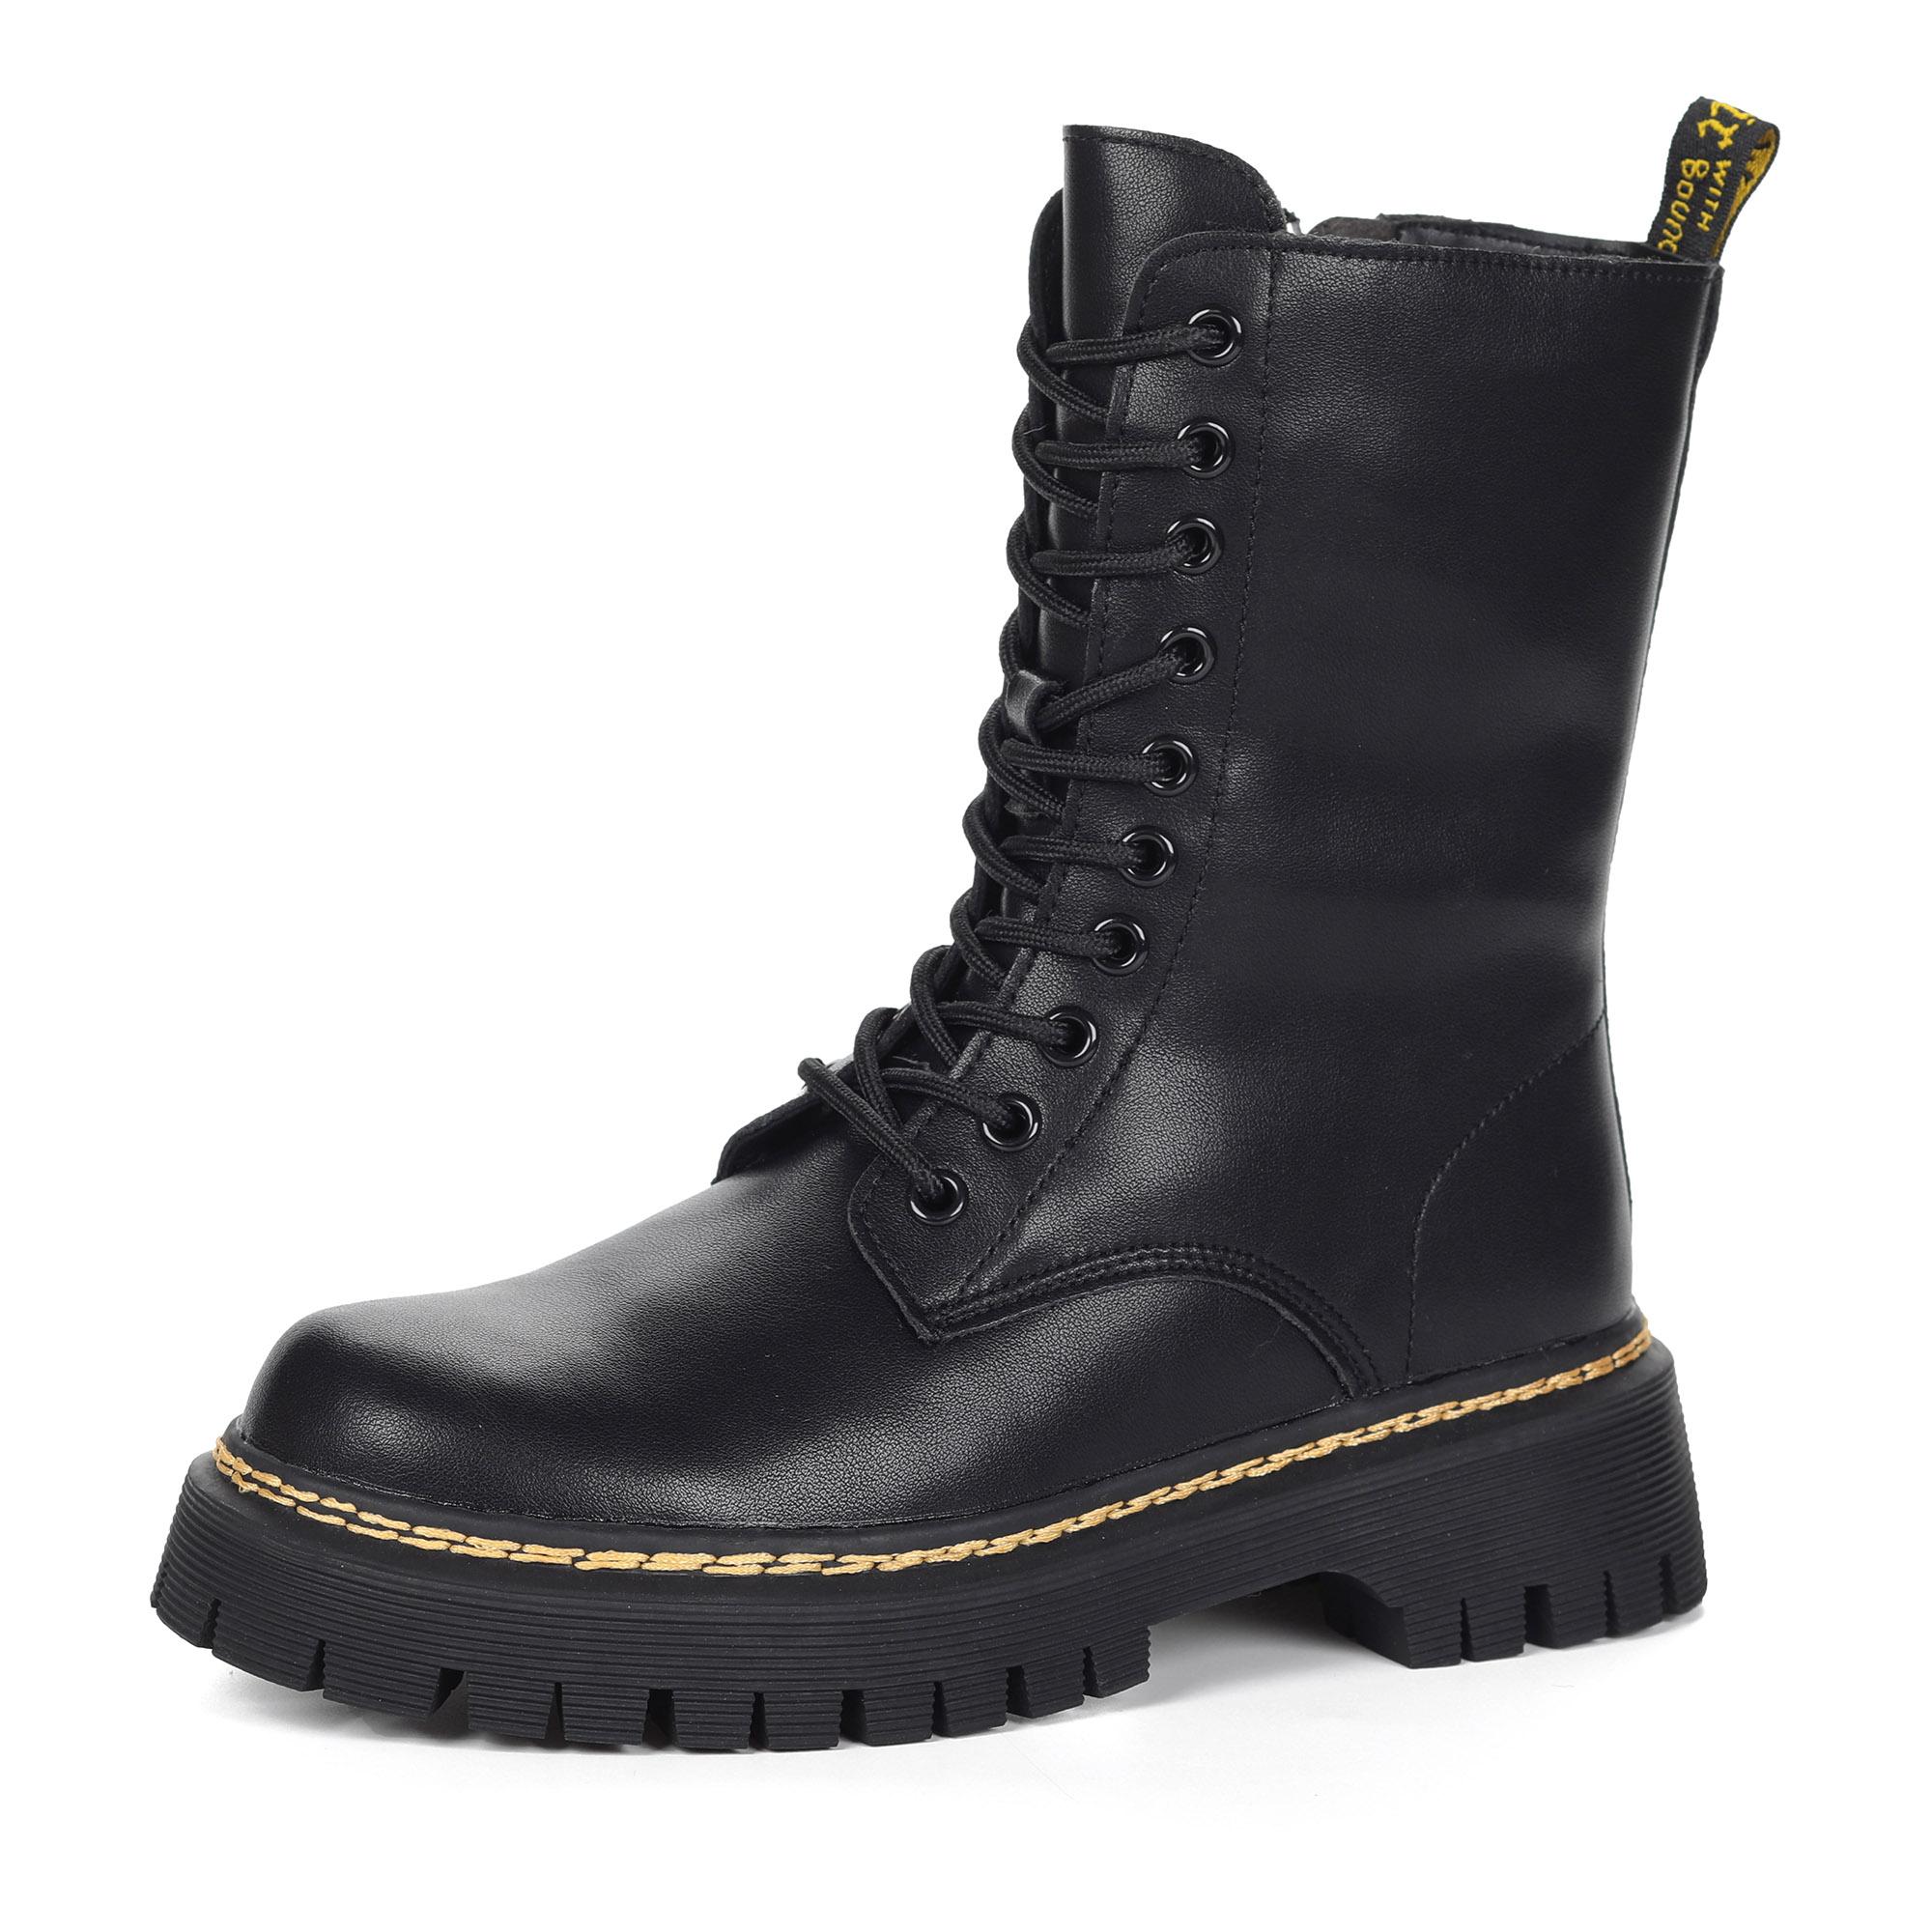 Черные ботинки из кожи на шнурках на подкладке из натуральной шерсти